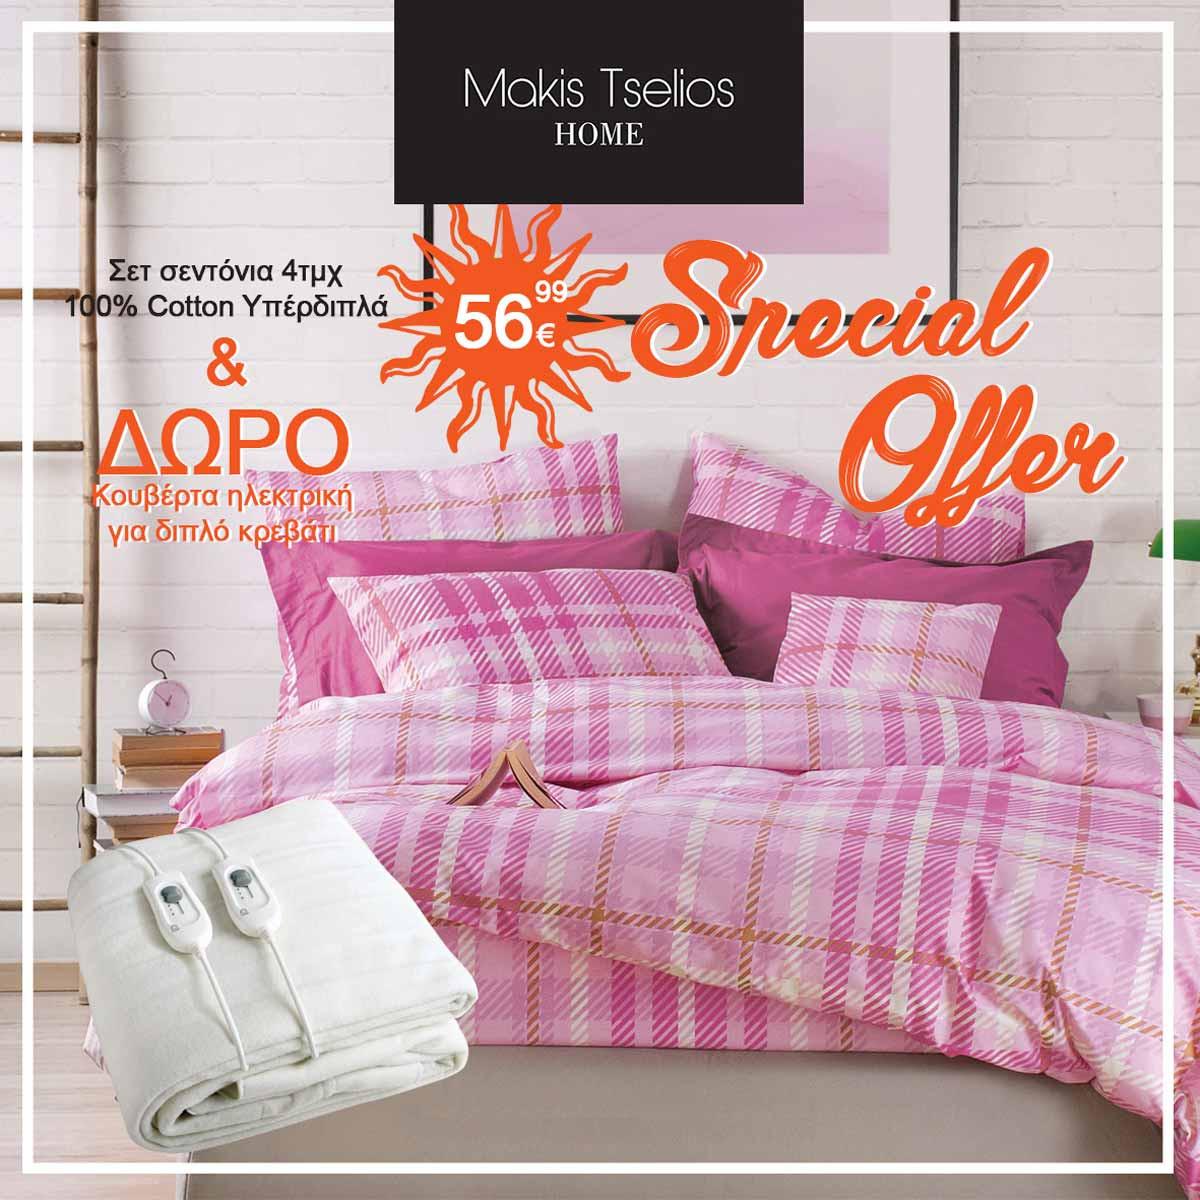 Σεντόνια Υπέρδιπλα (Σετ) Makis Tselios Sticker + Δώρο Ηλεκτρική Κουβέρτα